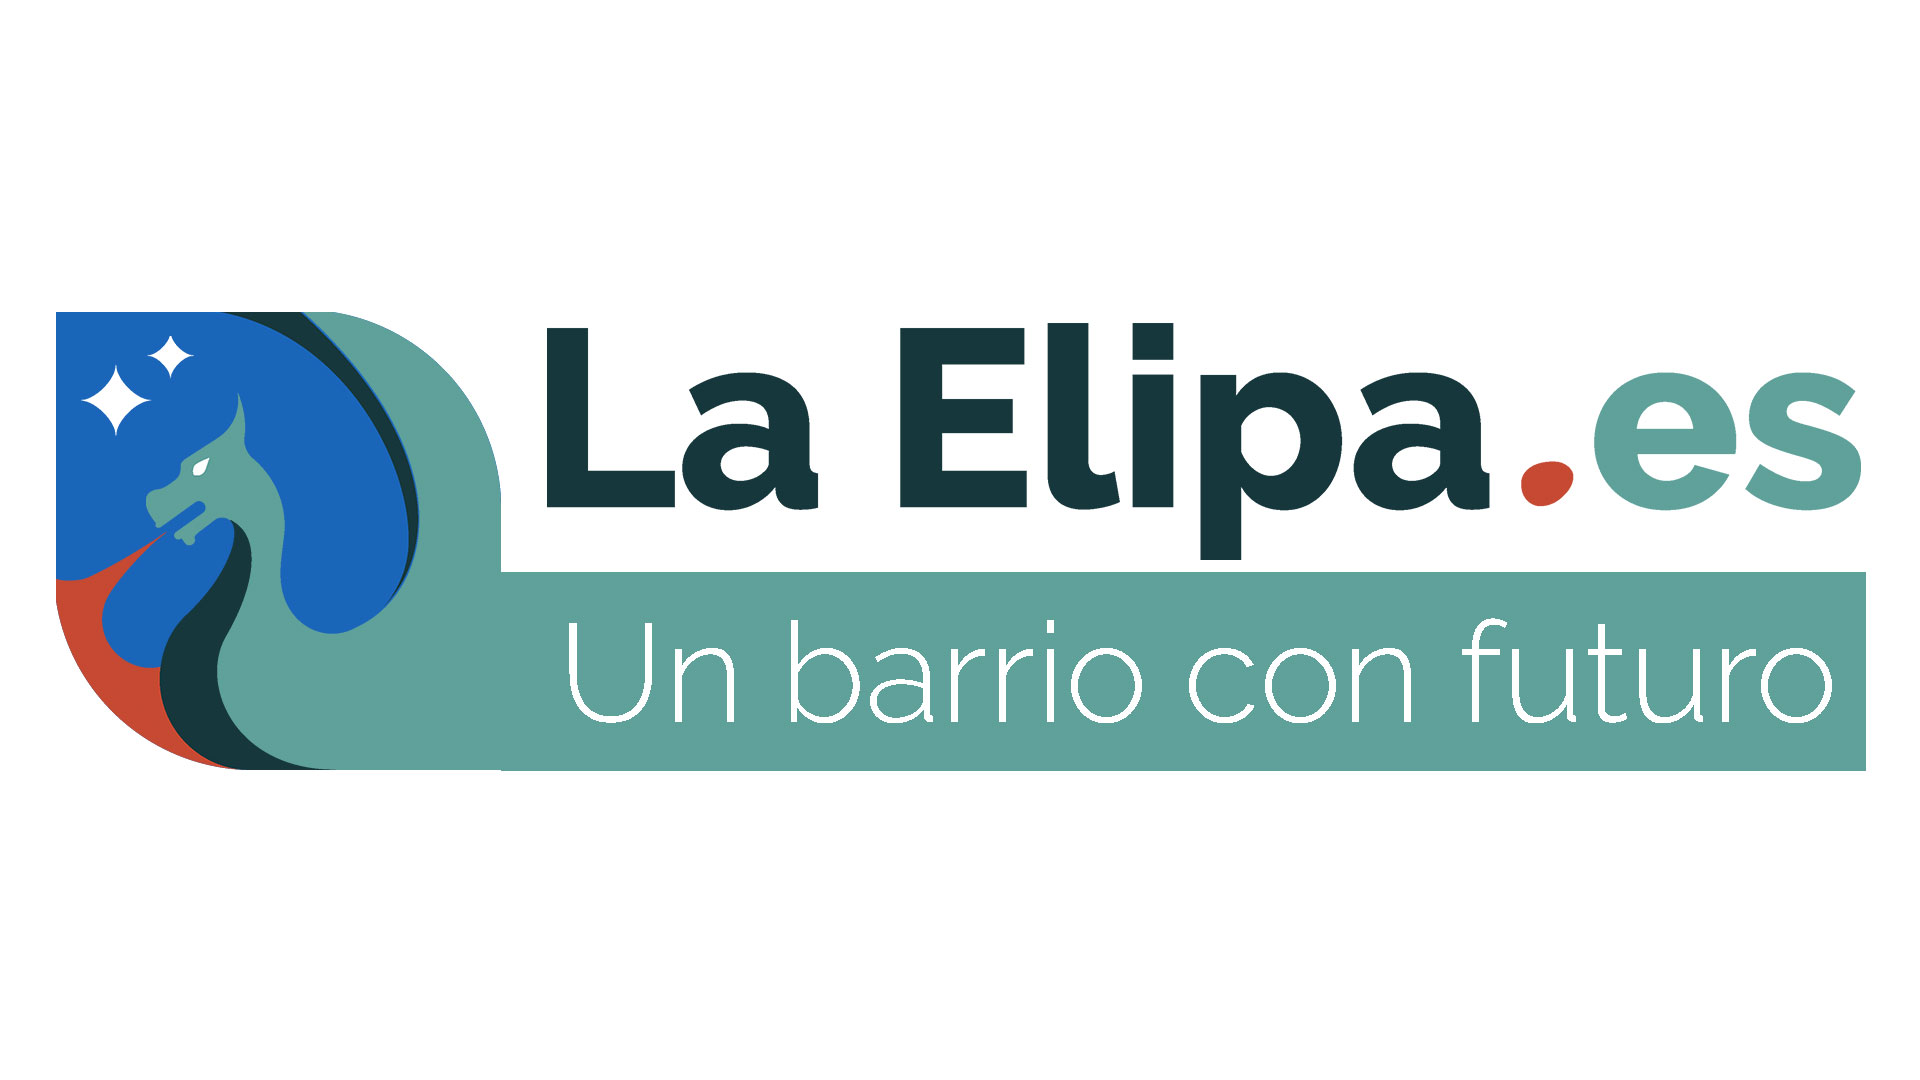 LaElipa.es